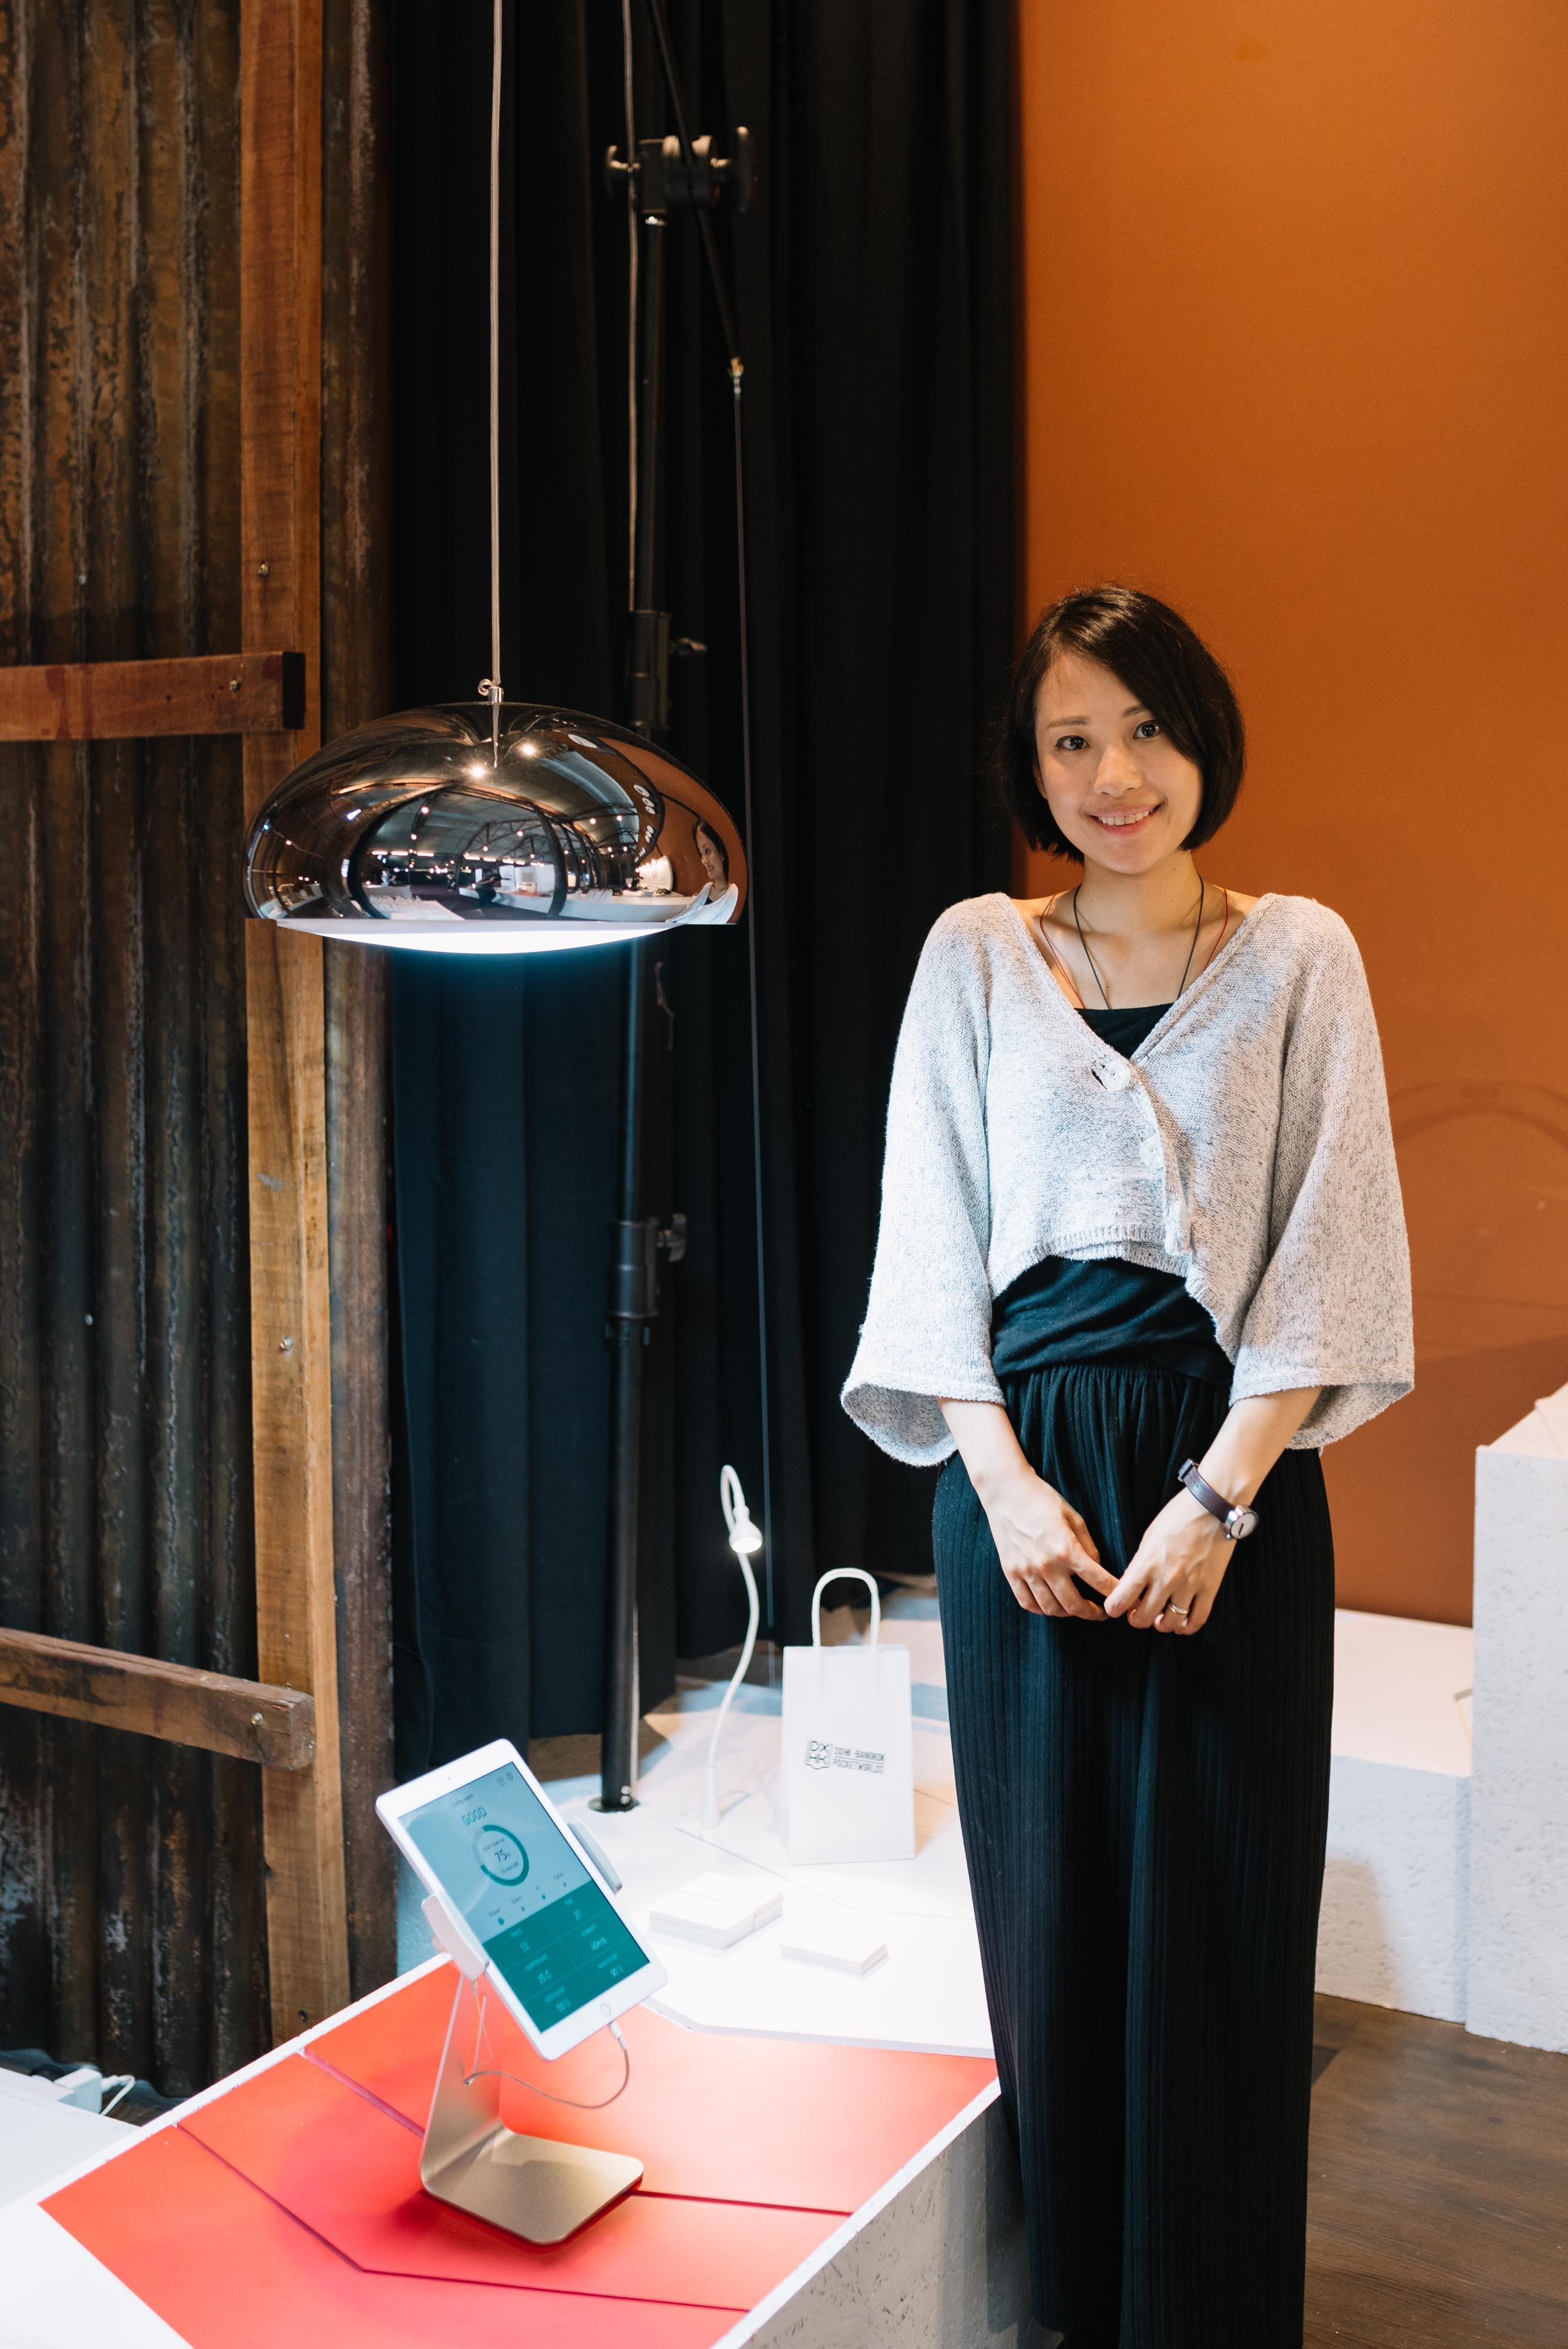 นางสาวมุย คิโนชิตะ ผู้ร่วมก่อตั้ง ASAและผลงาน